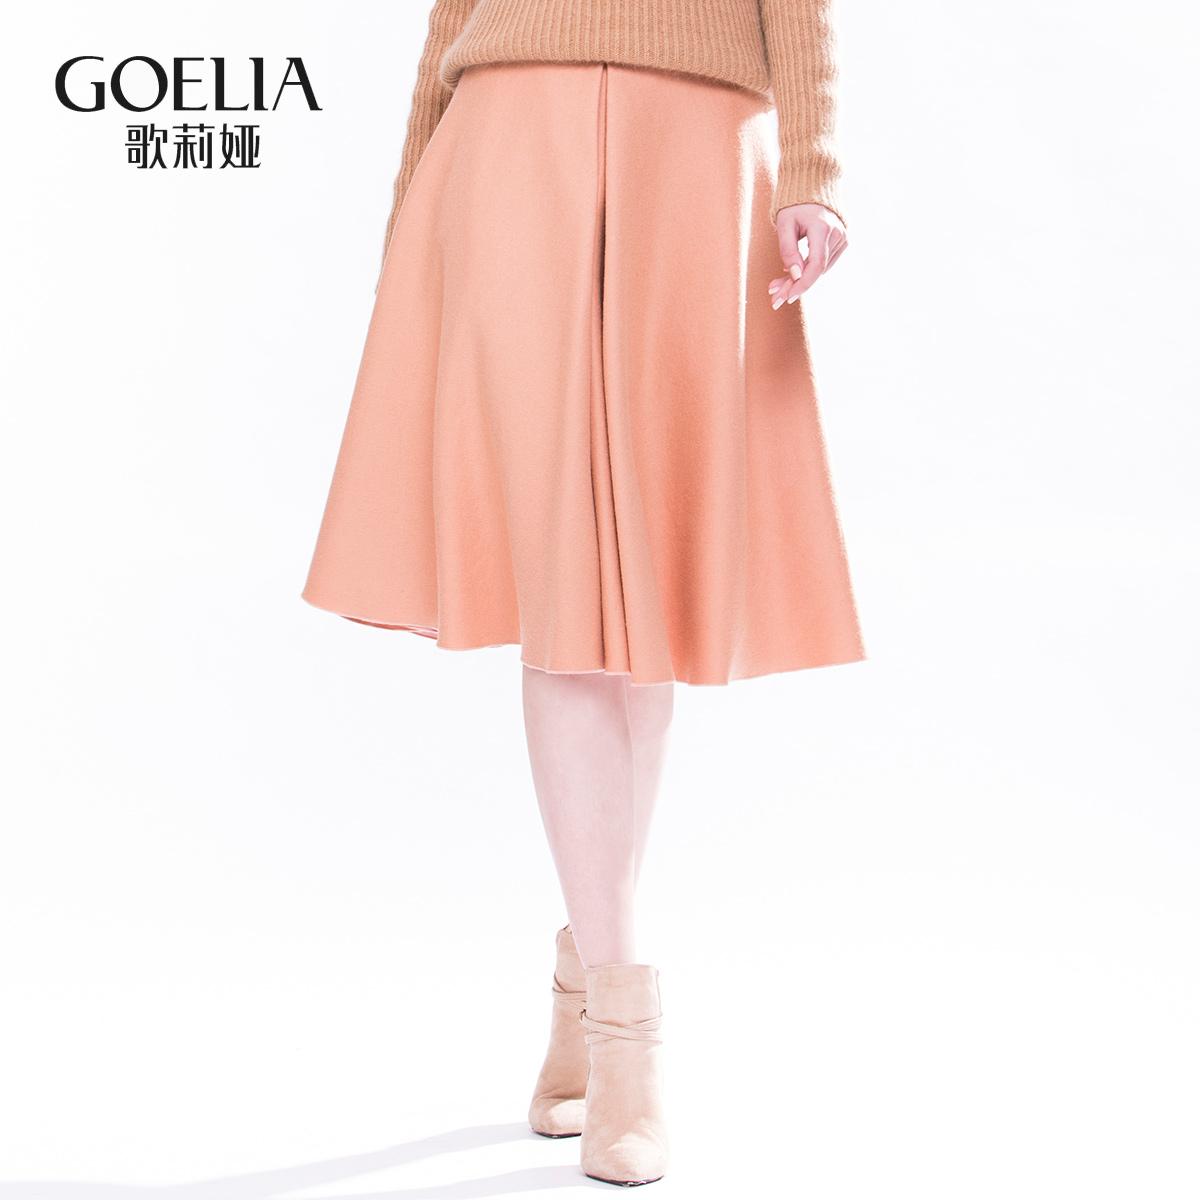 歌莉娅女装 歌莉娅冬中长百搭呢料大摆半身裙15DH2B100_推荐淘宝好看的歌莉娅